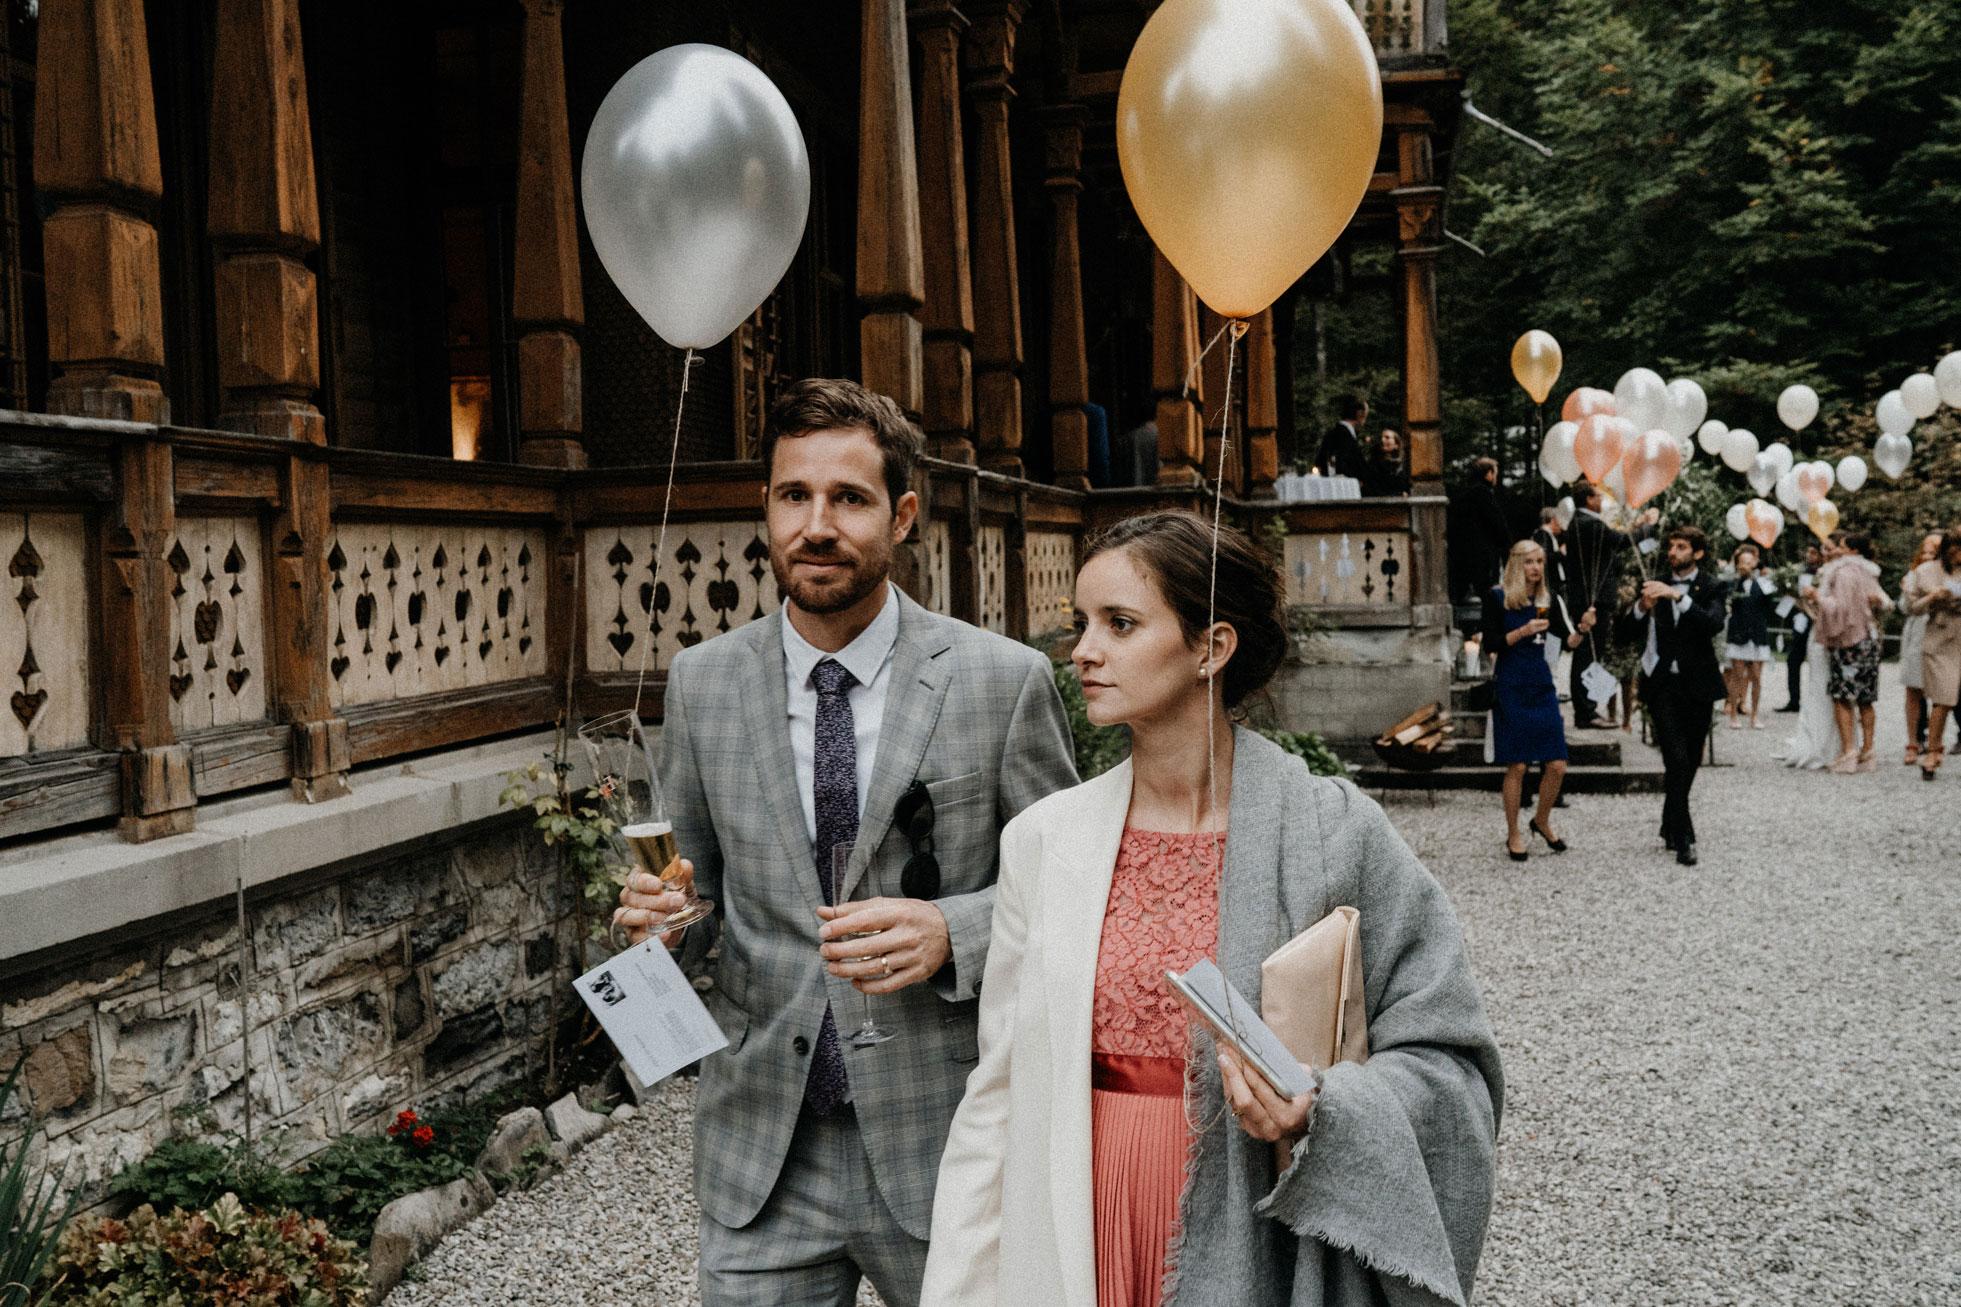 Hochzeit_Claire_Manuel_Villa_Maund_Daniel_Jenny-435.jpg